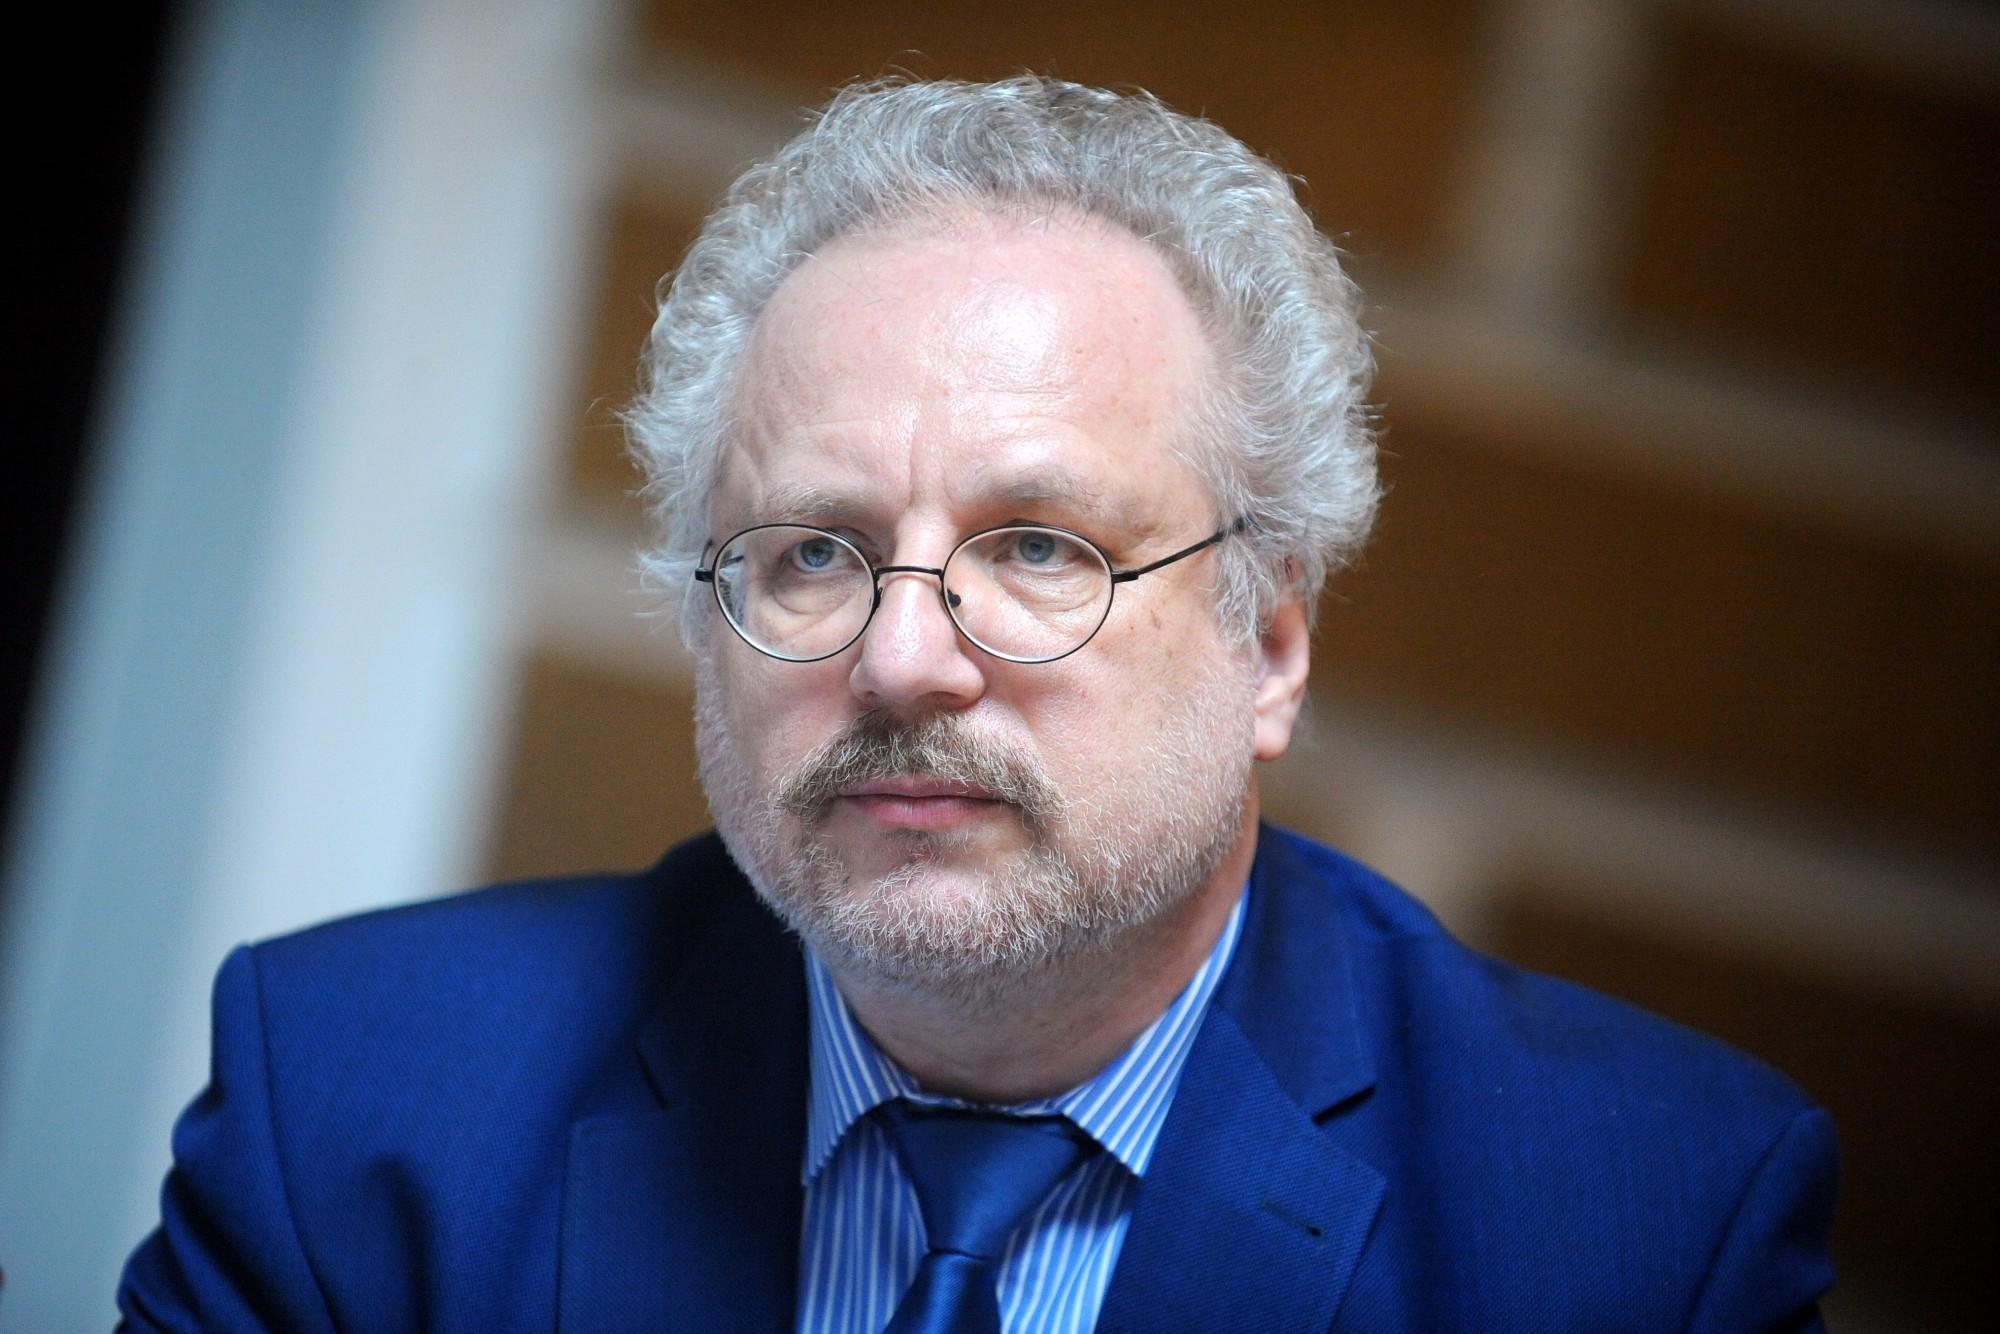 Коалиционные депутаты официально выдвинули кандидатуру Левитса на должность президента Латвии